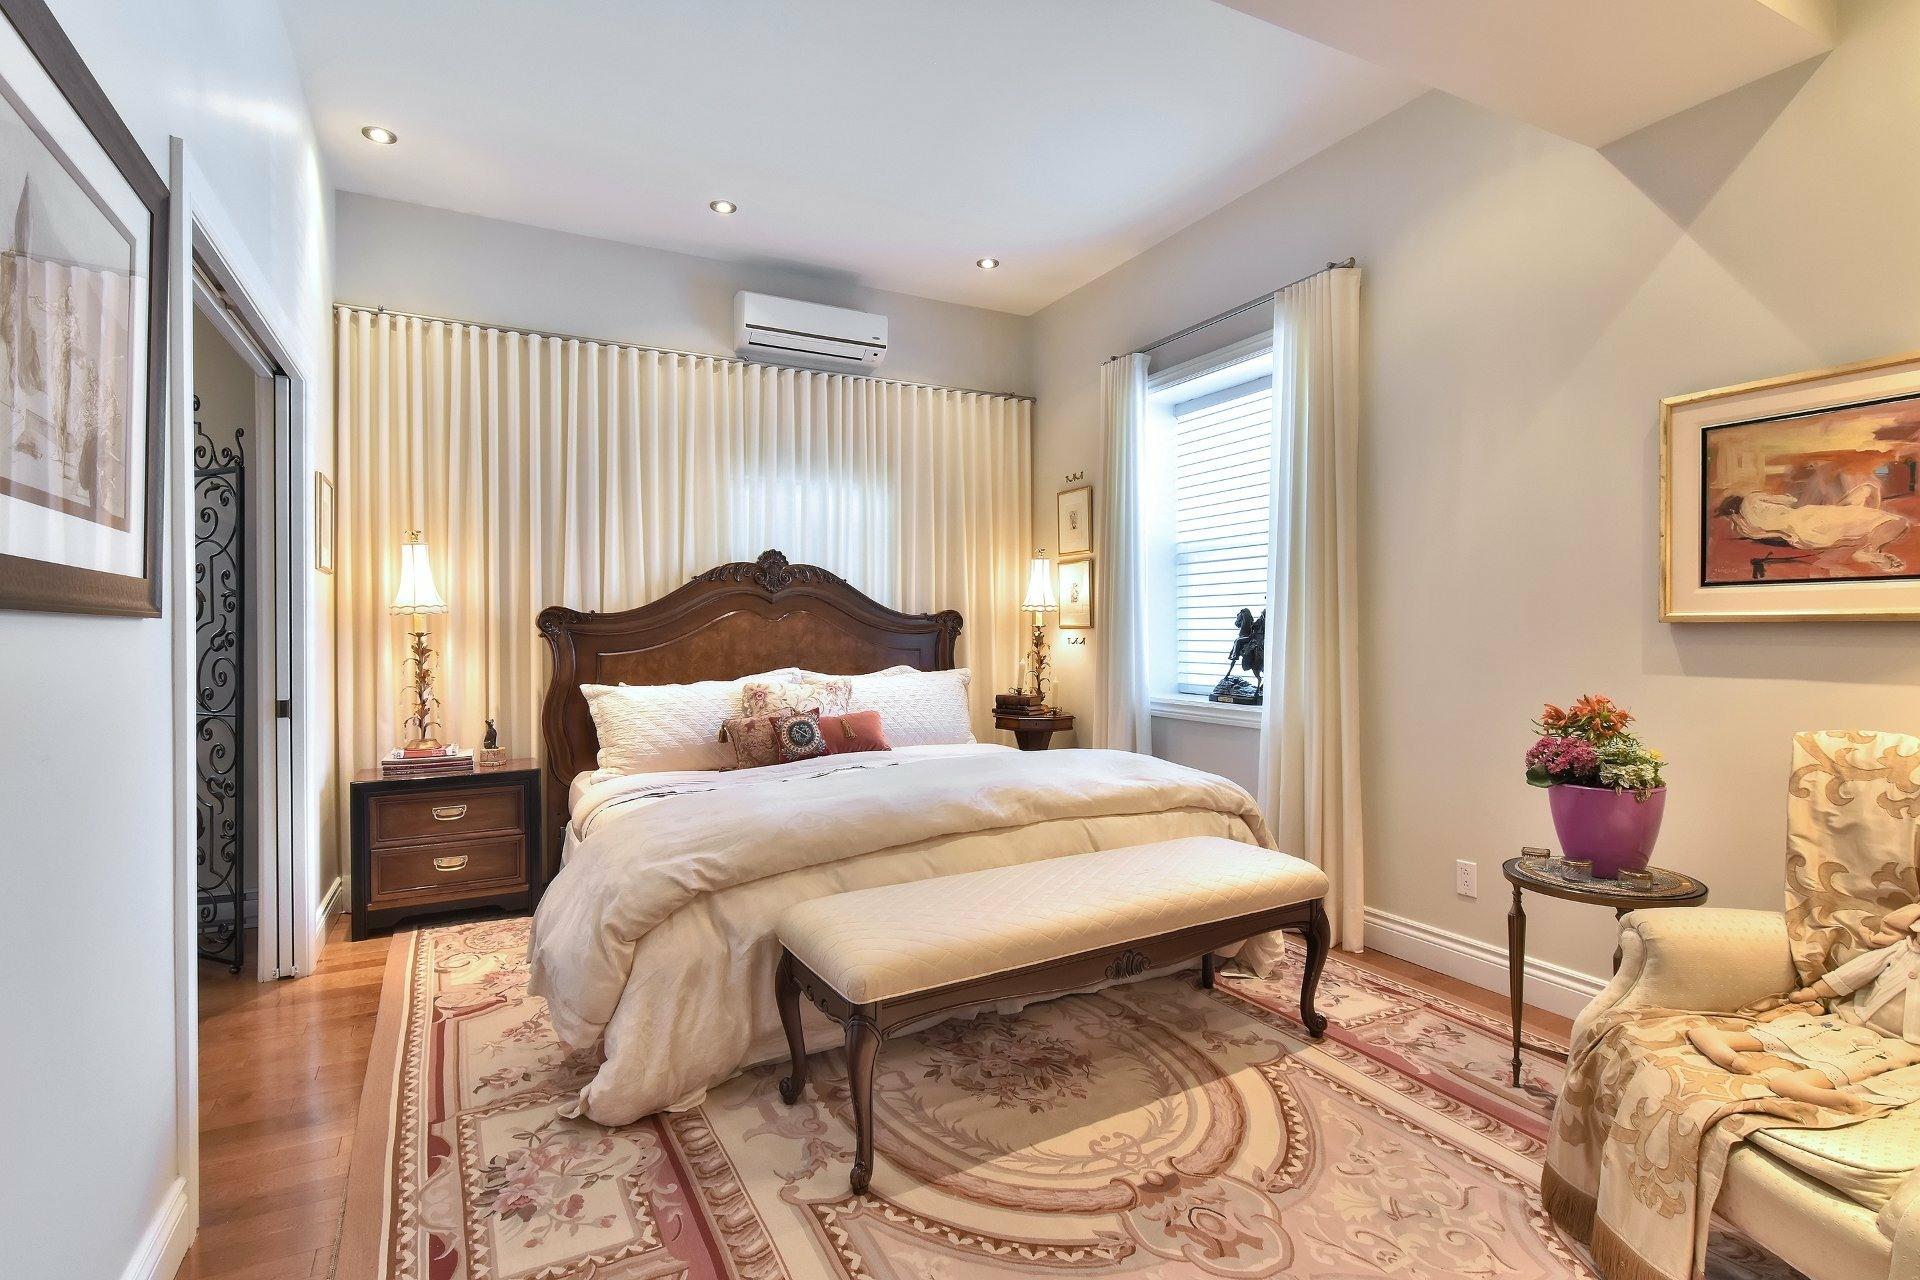 image 10 - Apartment For sale Côte-des-Neiges/Notre-Dame-de-Grâce Montréal  - 6 rooms